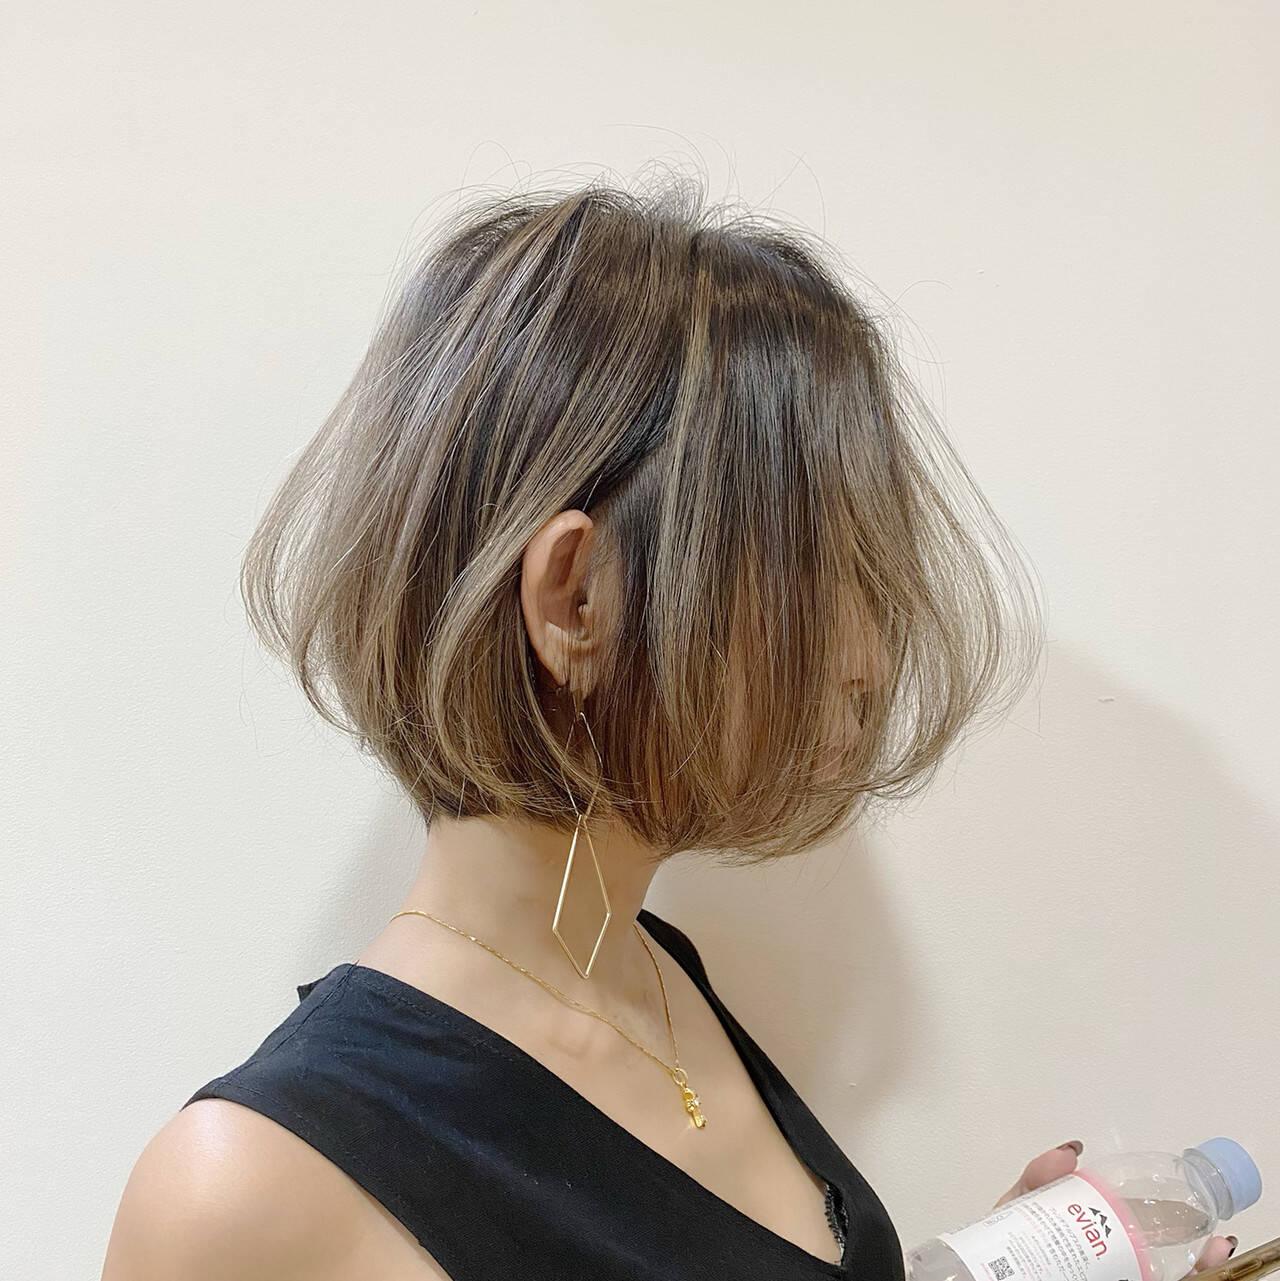 ミニボブ 切りっぱなしボブ ハイライト ボブヘアスタイルや髪型の写真・画像